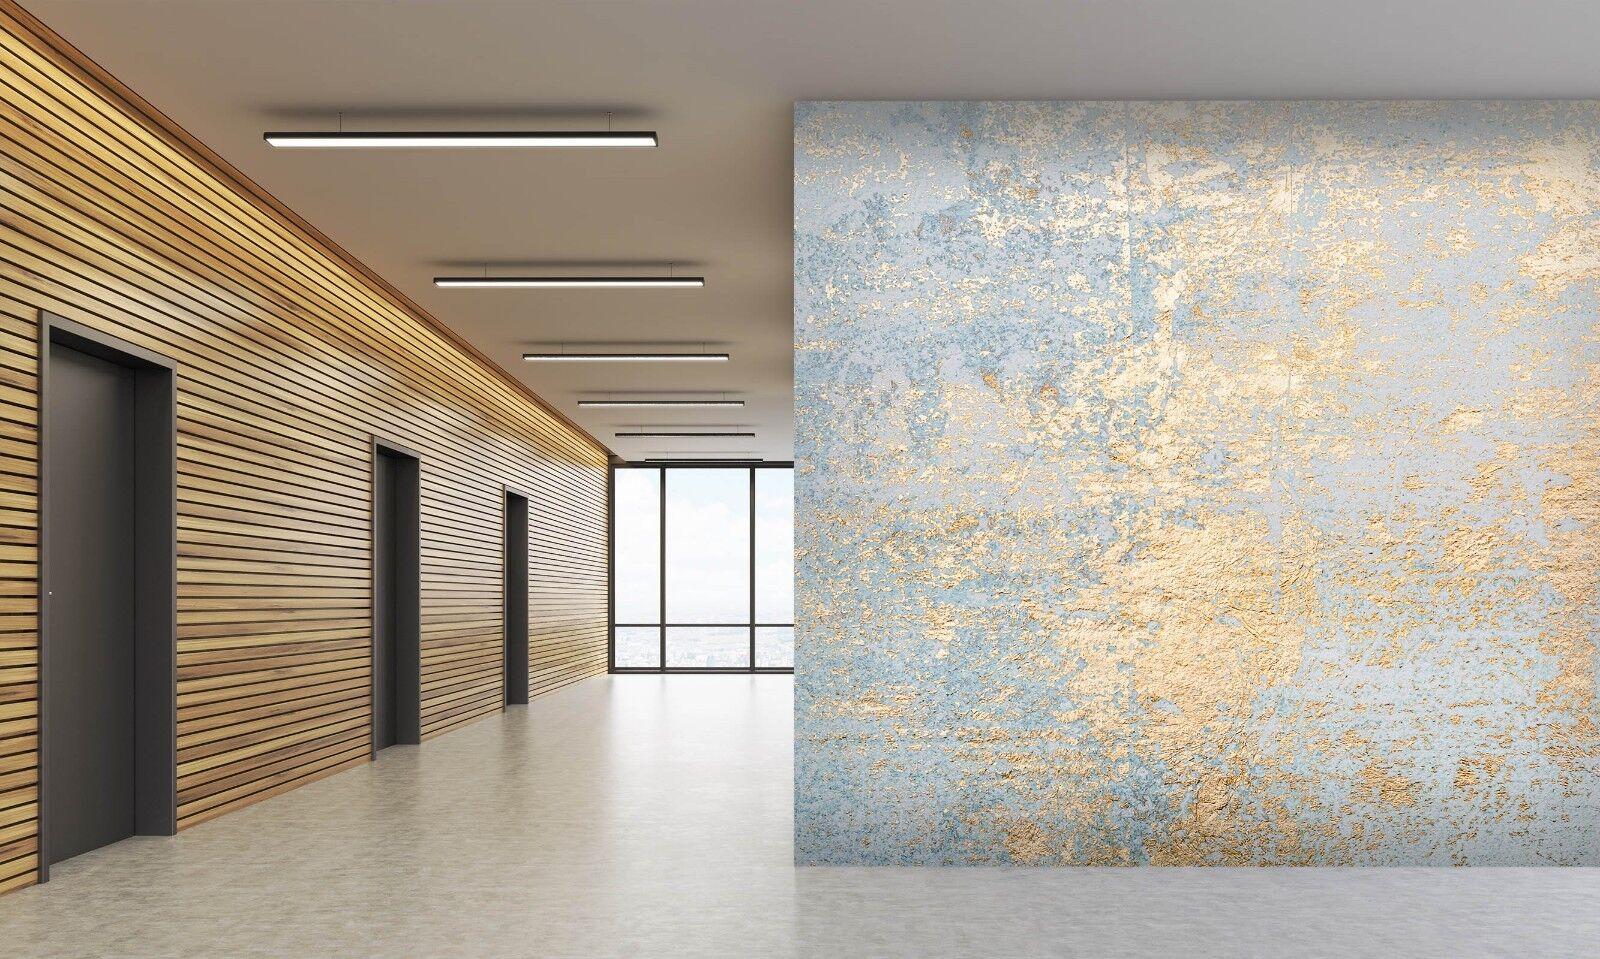 D oro lampeggiante muro texture carta piastrelle marmo muro